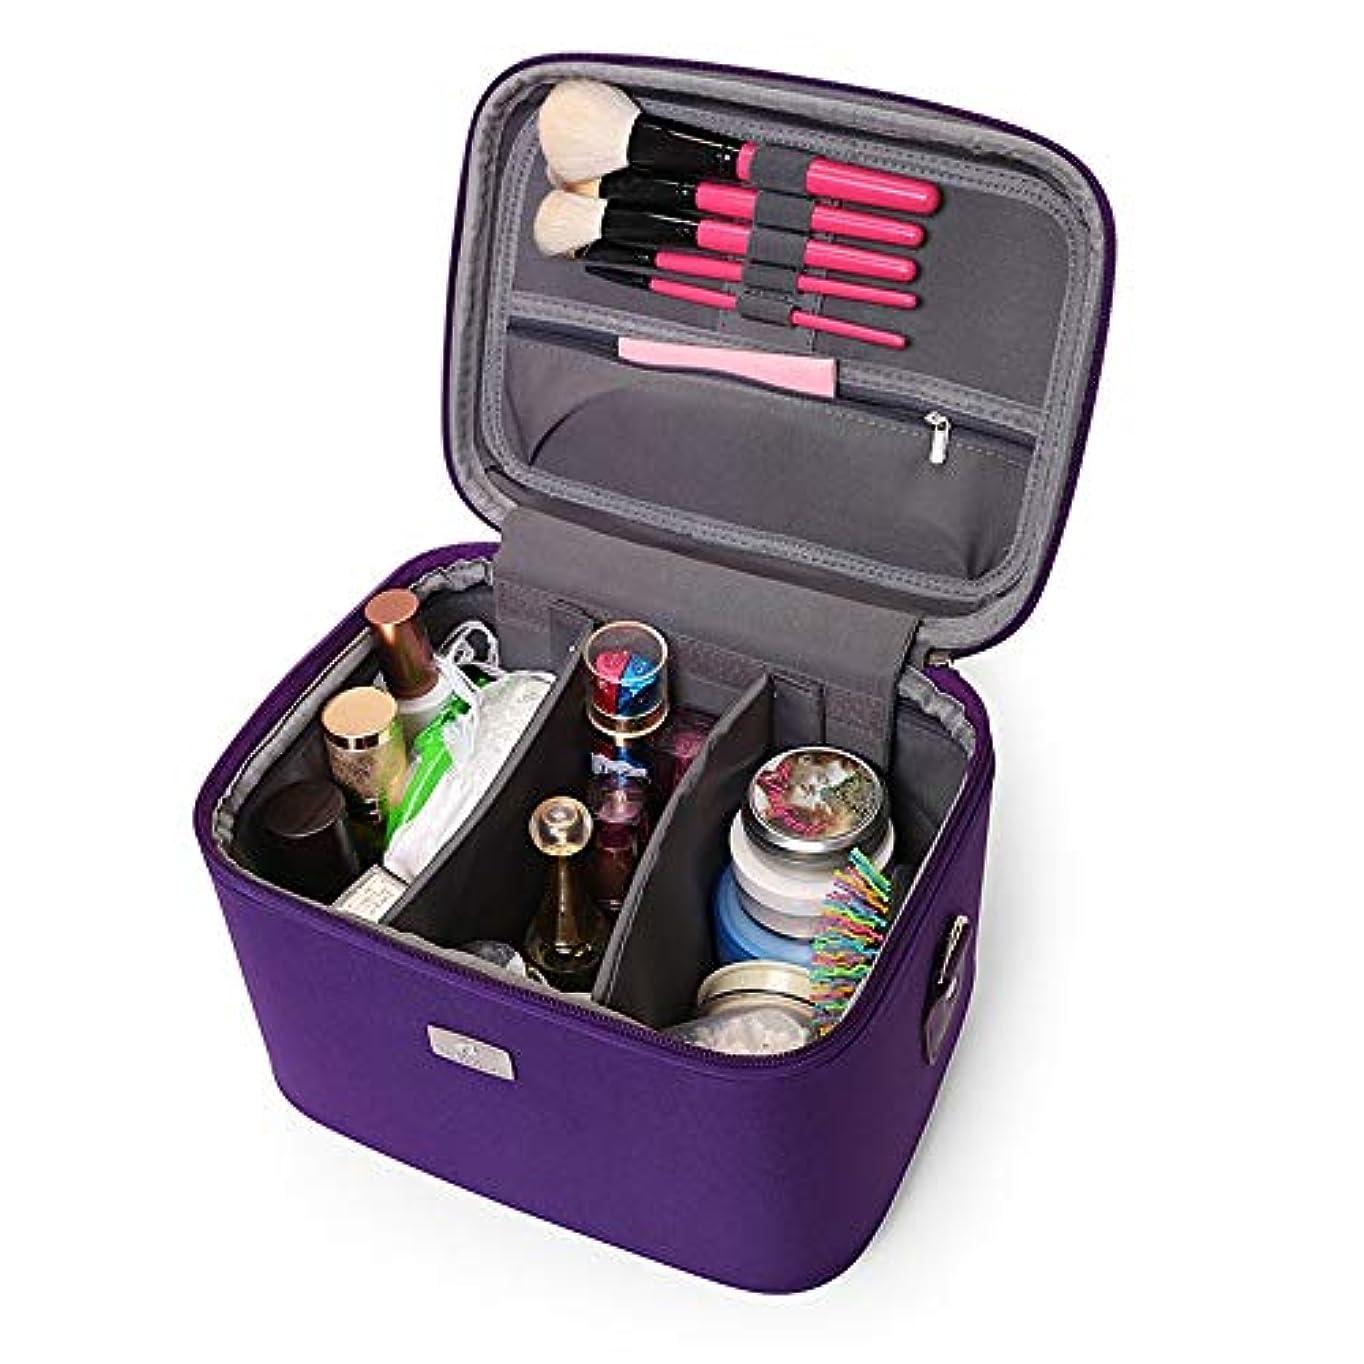 ダッシュブランデー毒性化粧オーガナイザーバッグ 14インチのメイクアップトラベルバッグPUレター防水化粧ケースのティーン女の子の女性アーティスト 化粧品ケース (色 : 紫の)